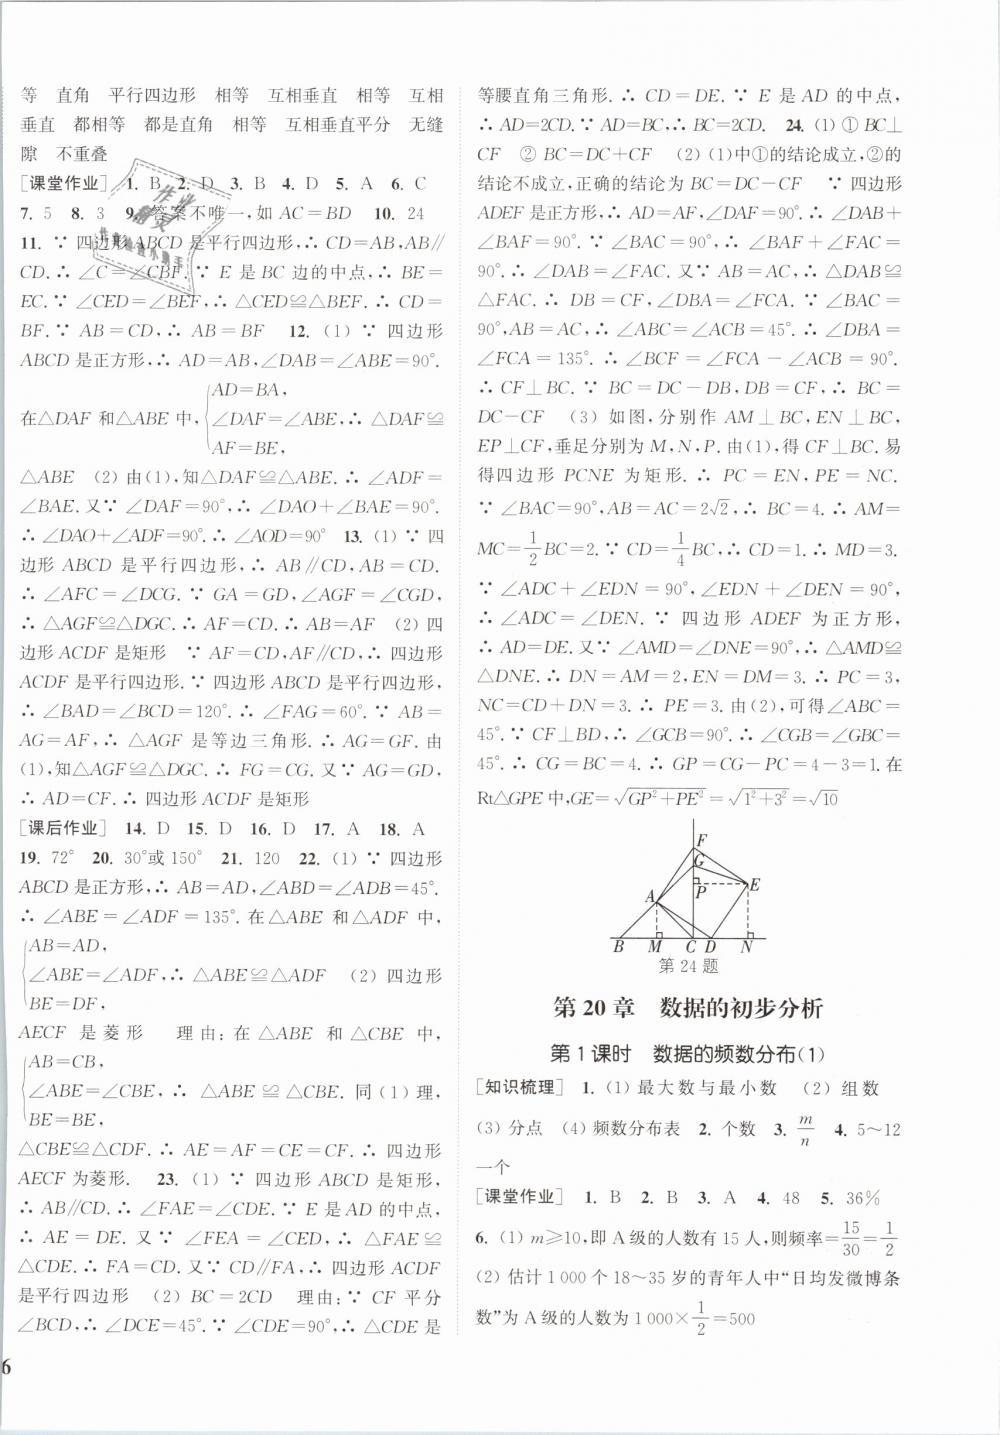 2019年通城学典课时作业本八年级数学下册沪科版第16页